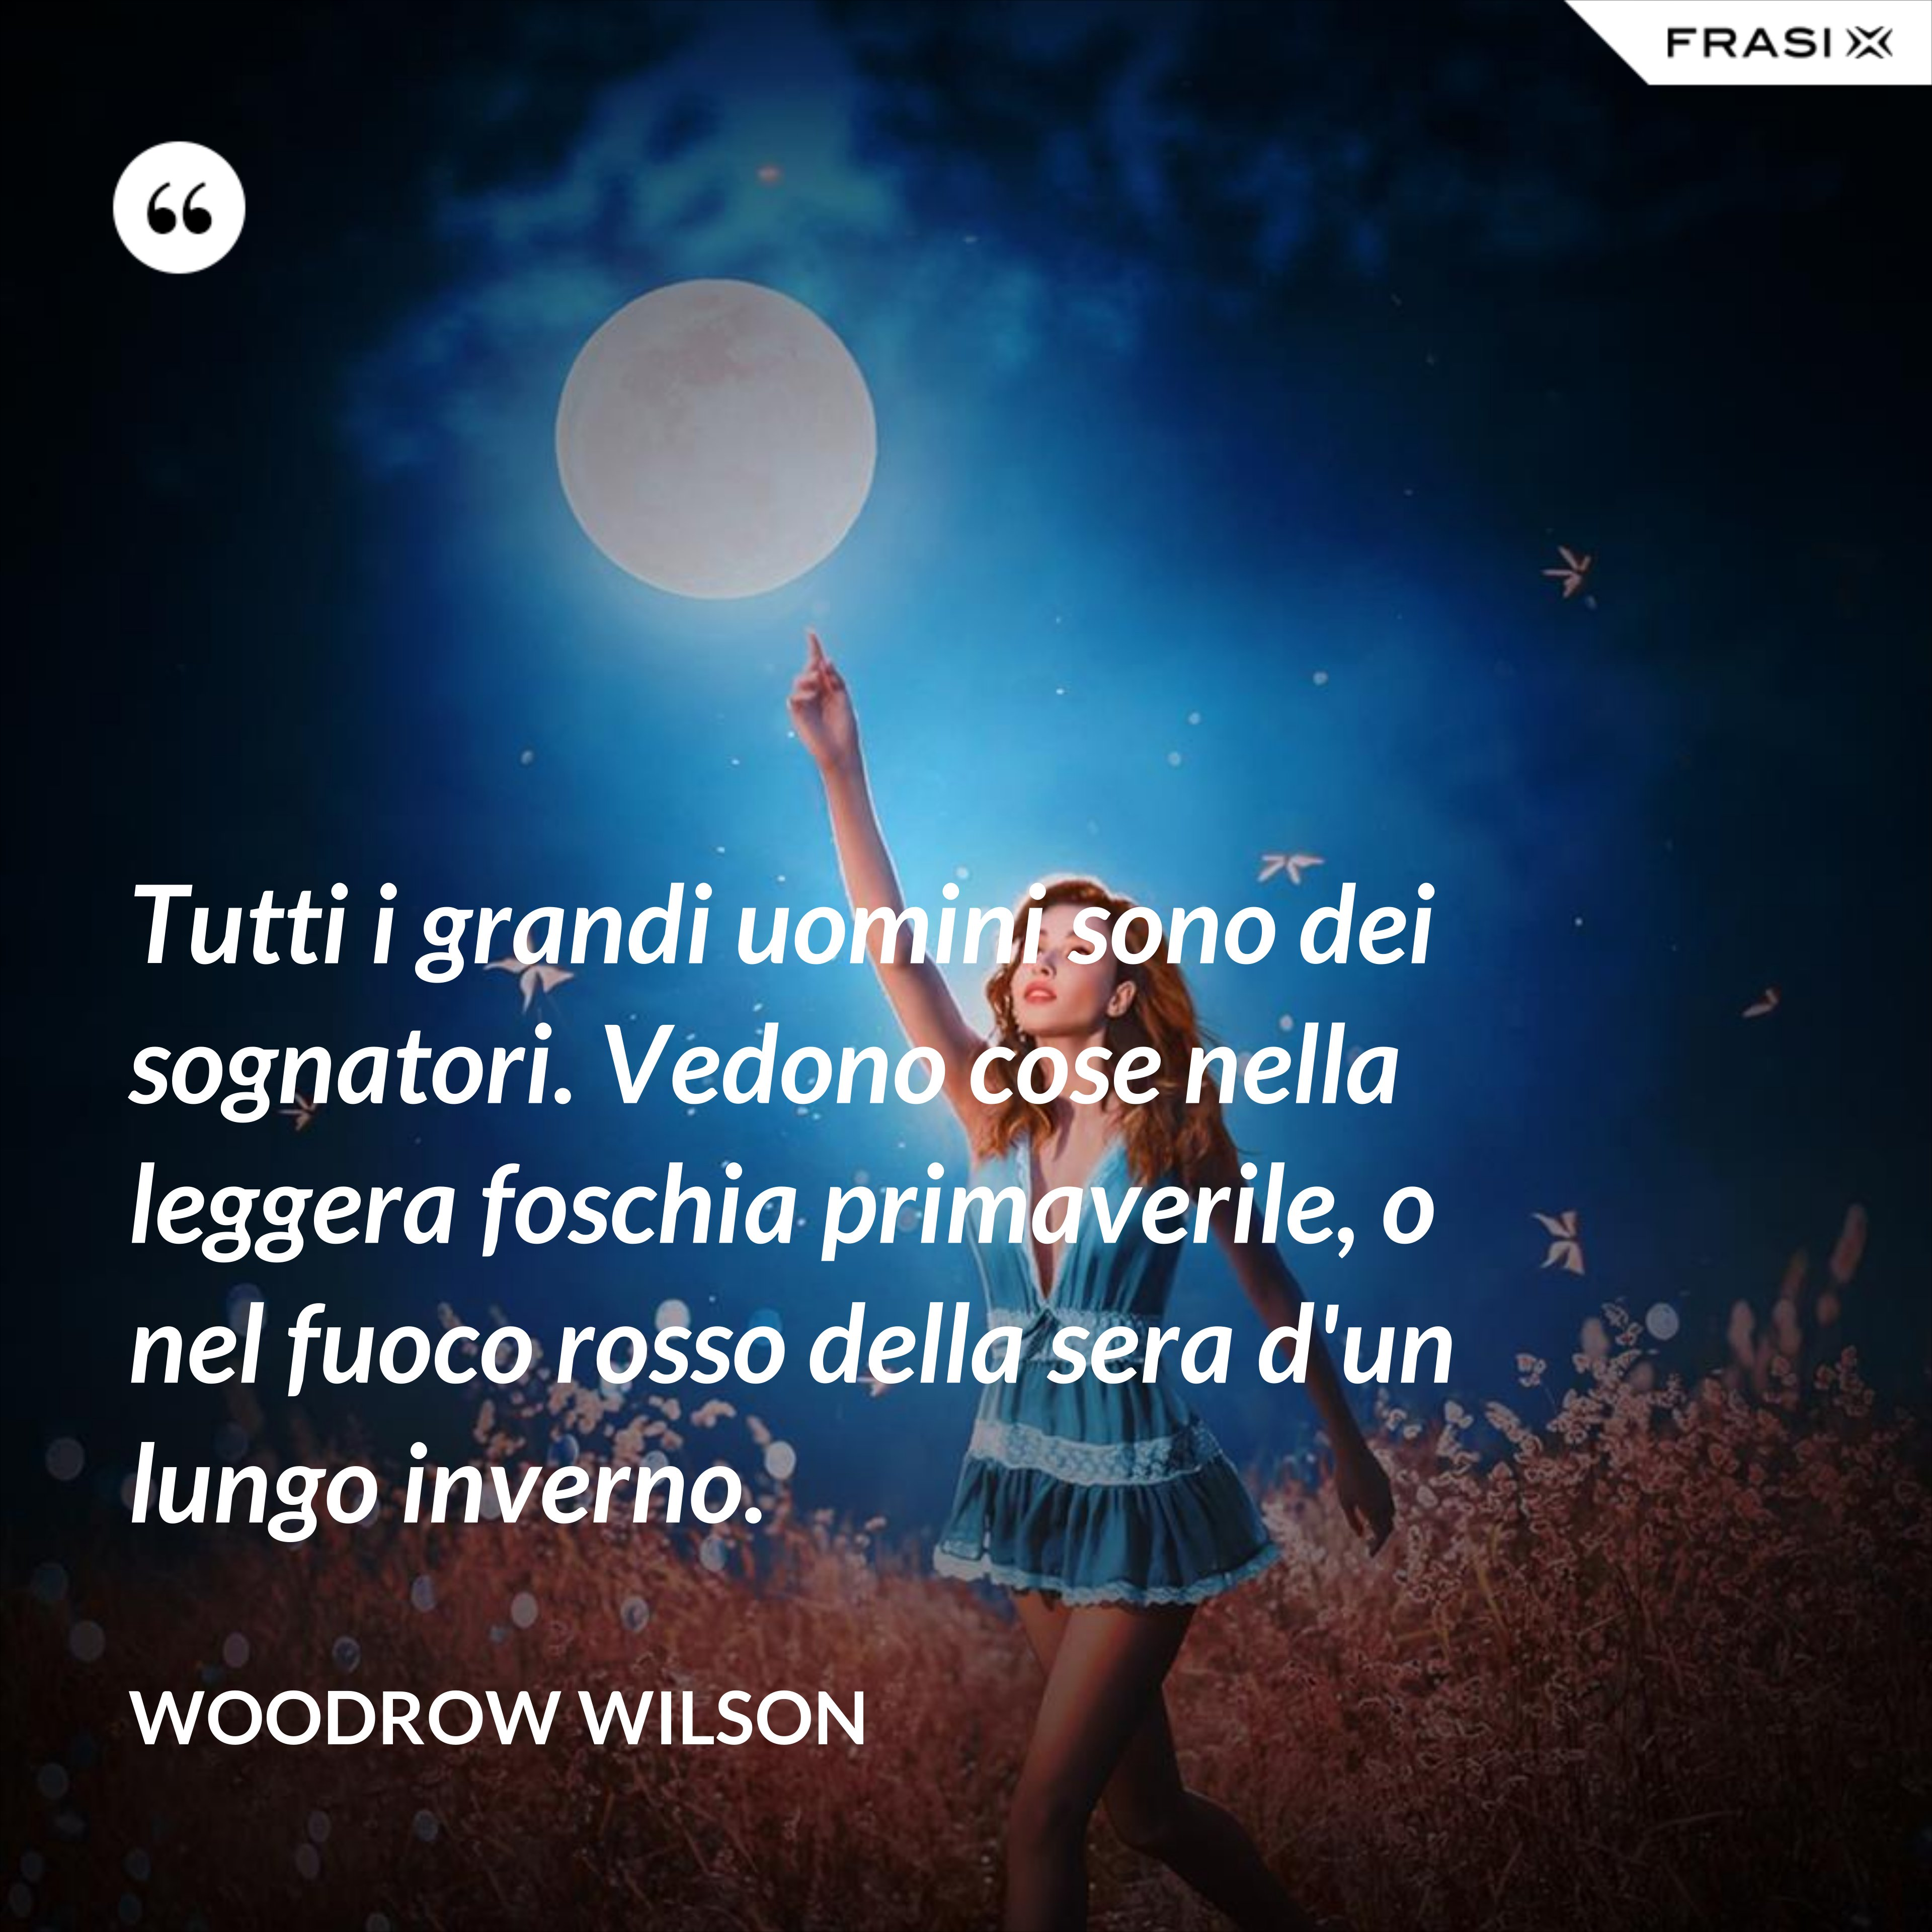 Tutti i grandi uomini sono dei sognatori. Vedono cose nella leggera foschia primaverile, o nel fuoco rosso della sera d'un lungo inverno. - Woodrow Wilson